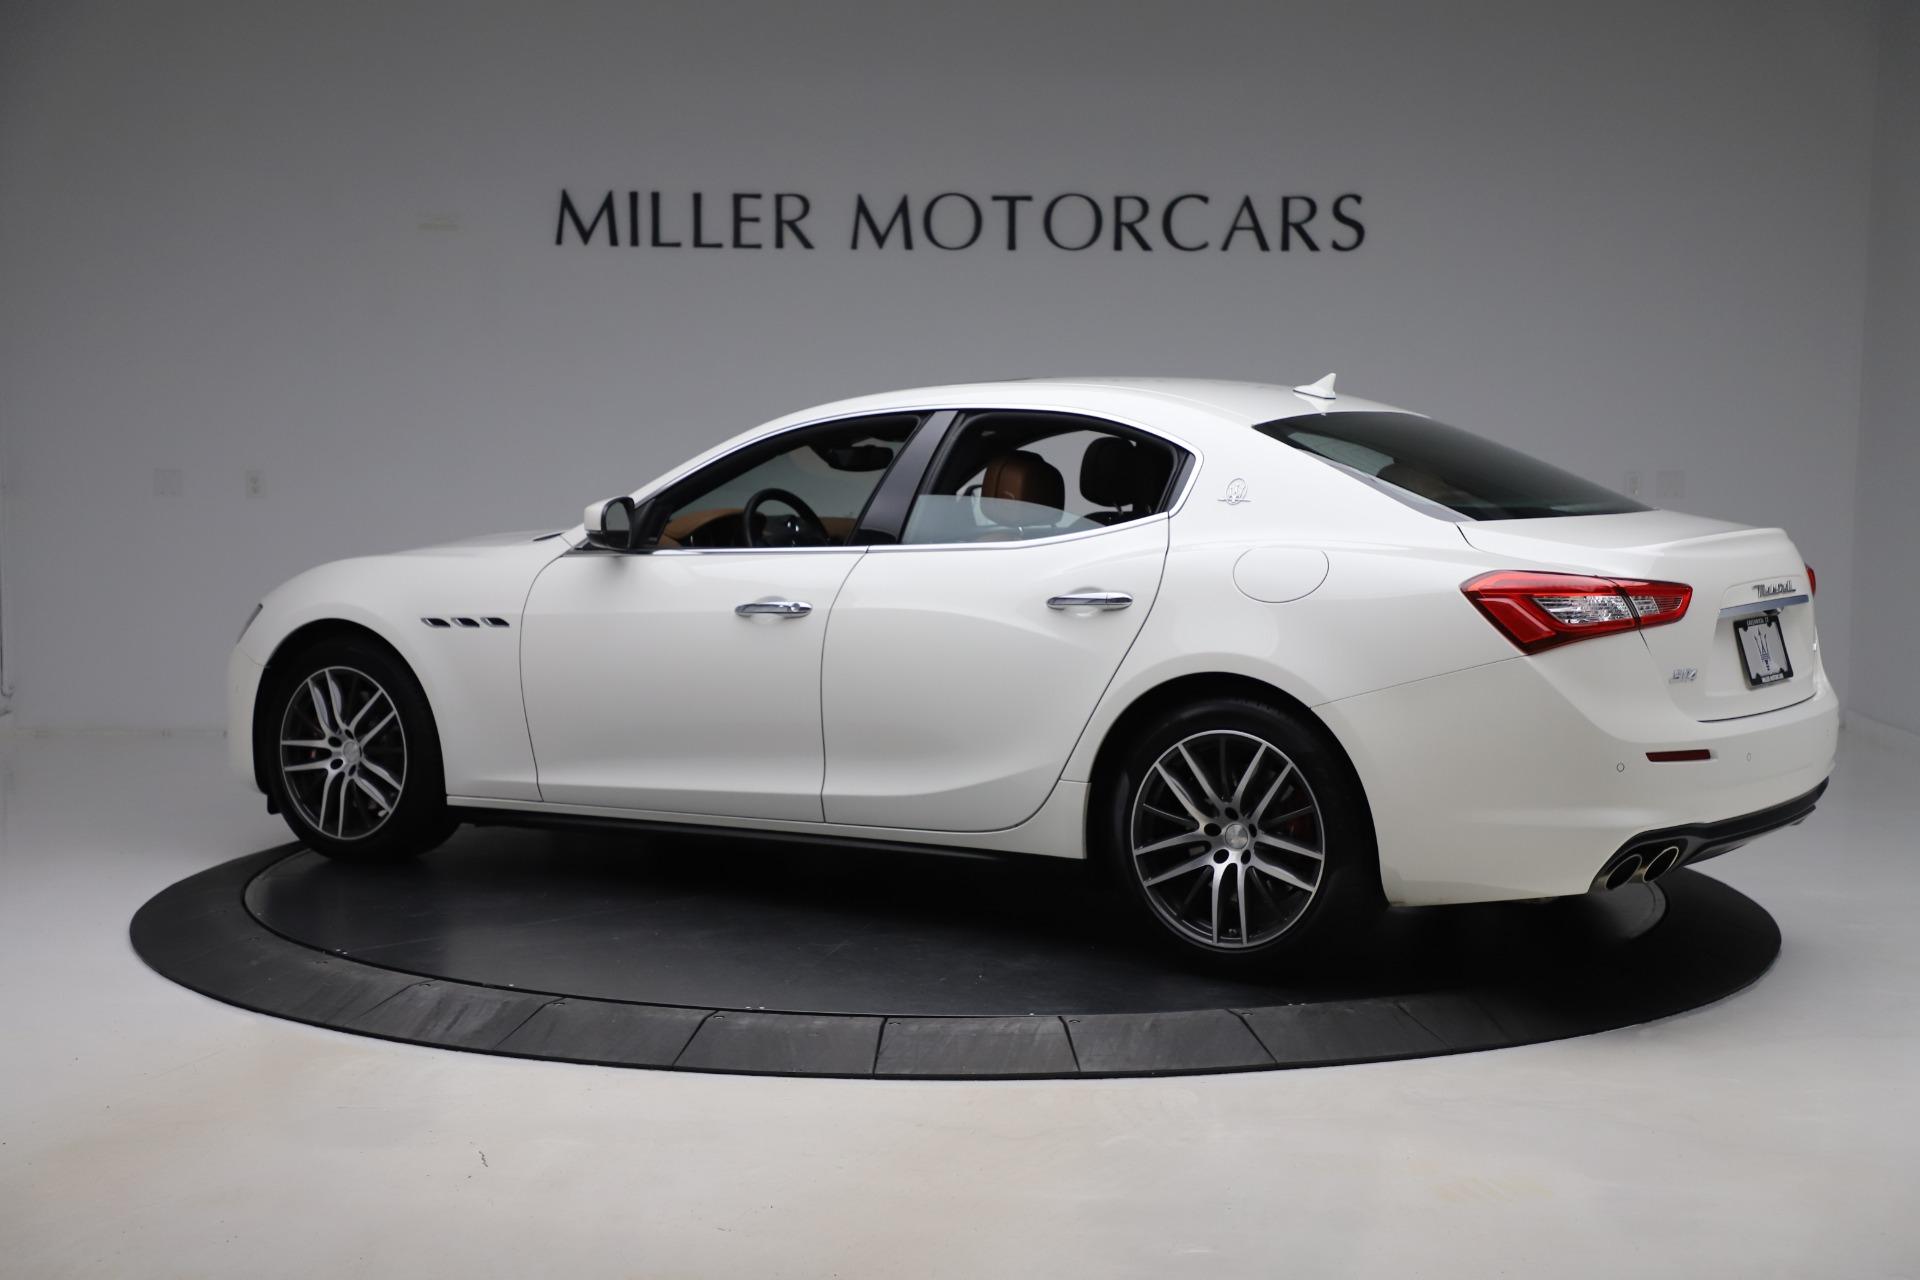 New 2019 Maserati Ghibli S Q4 For Sale In Greenwich, CT 2879_p4